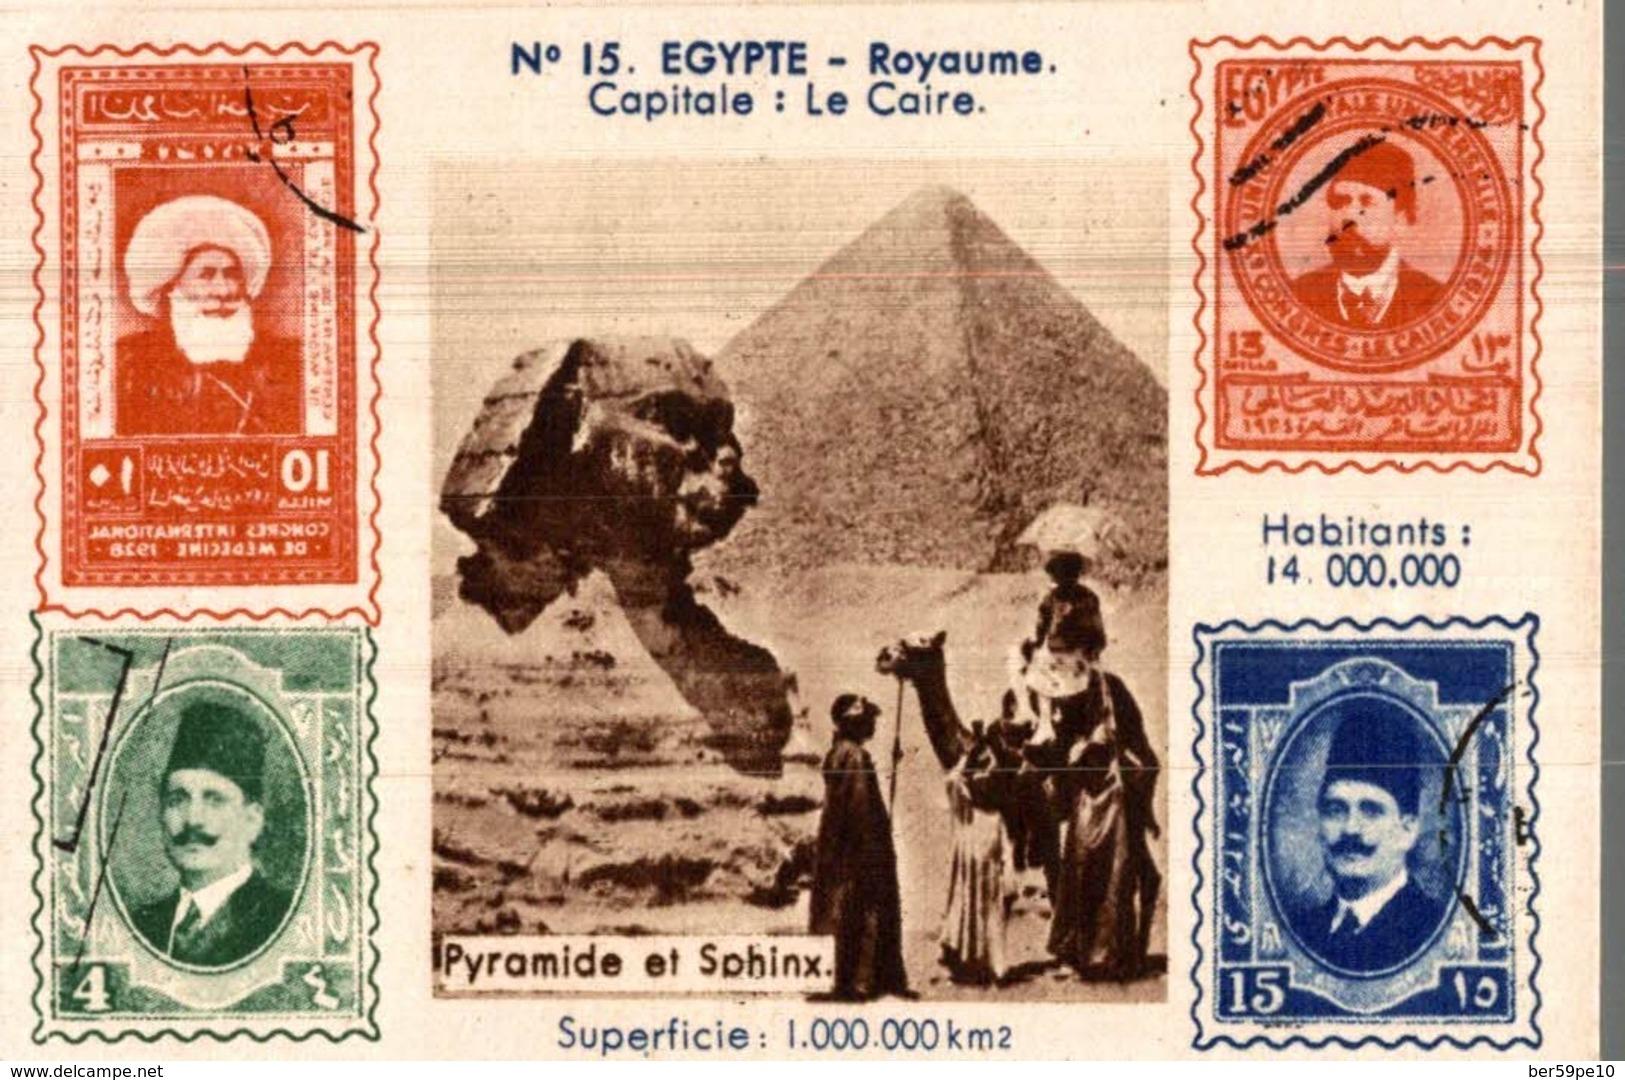 CHROMO  MACHINES A ECRIRE P. JULLIENNE PARIS  EGYPTE ROYAUME CAPITALE LE CAIRE  PYRAMIDE ET SPHINX - Otros